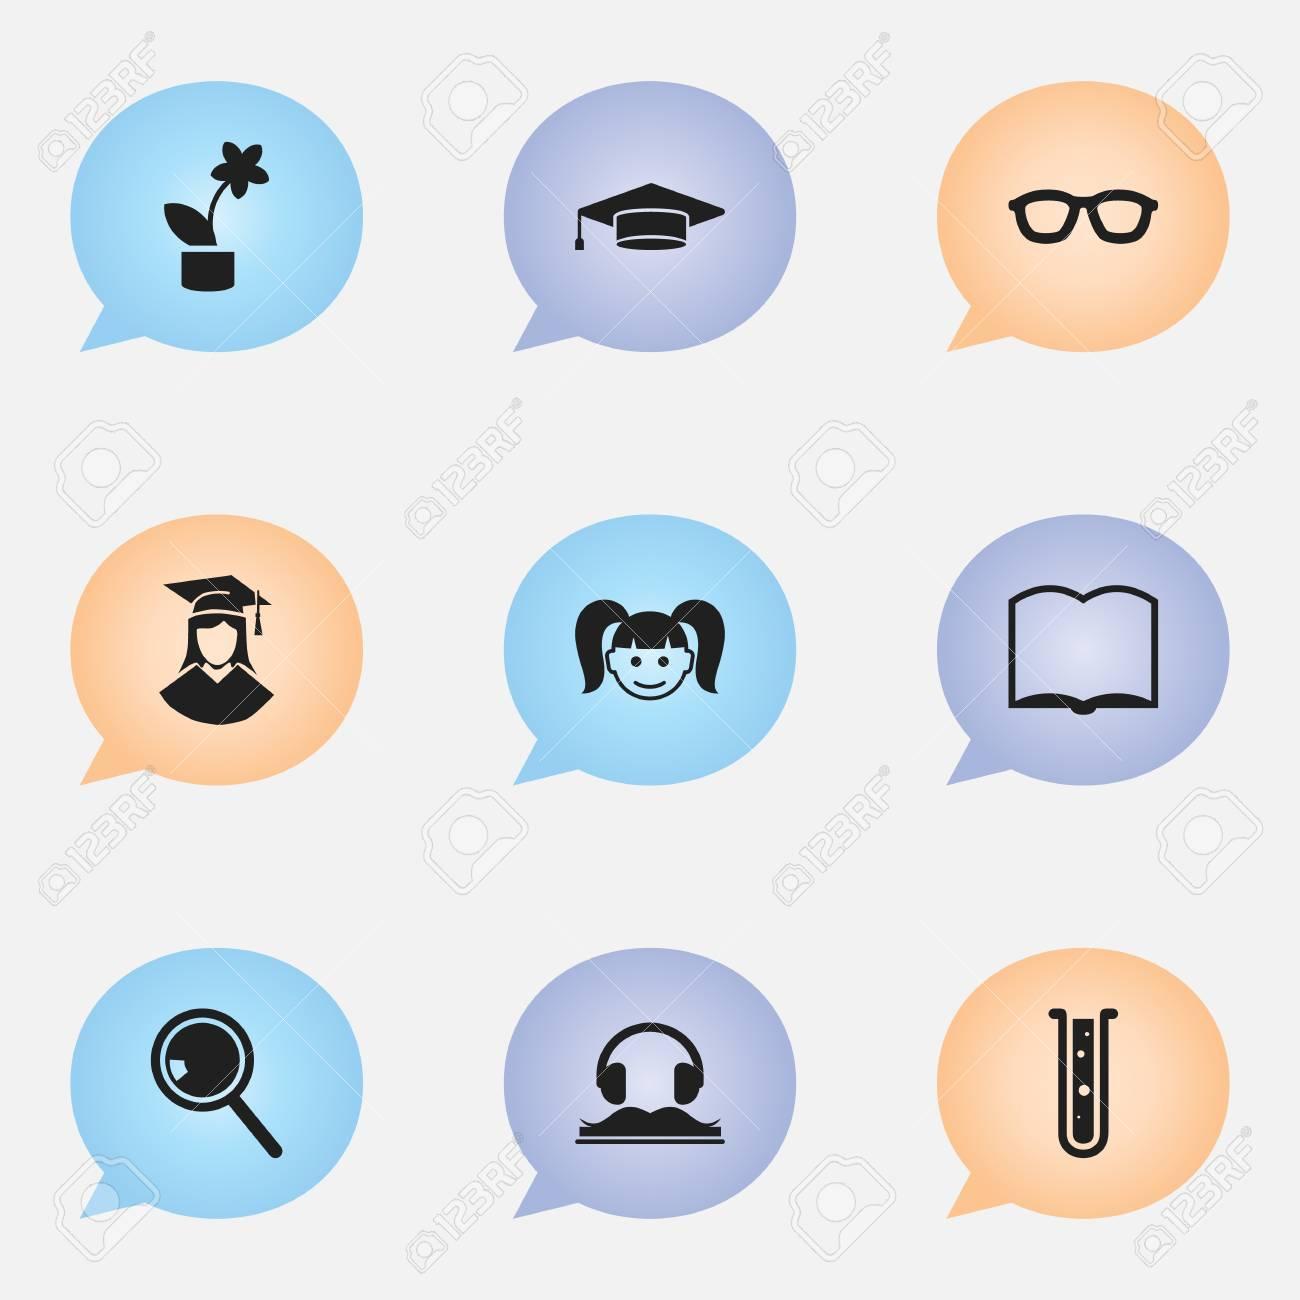 Foto de archivo - Set de 9 iconos editables de graduación. Incluye símbolos  tales como graduado a14022f0d79